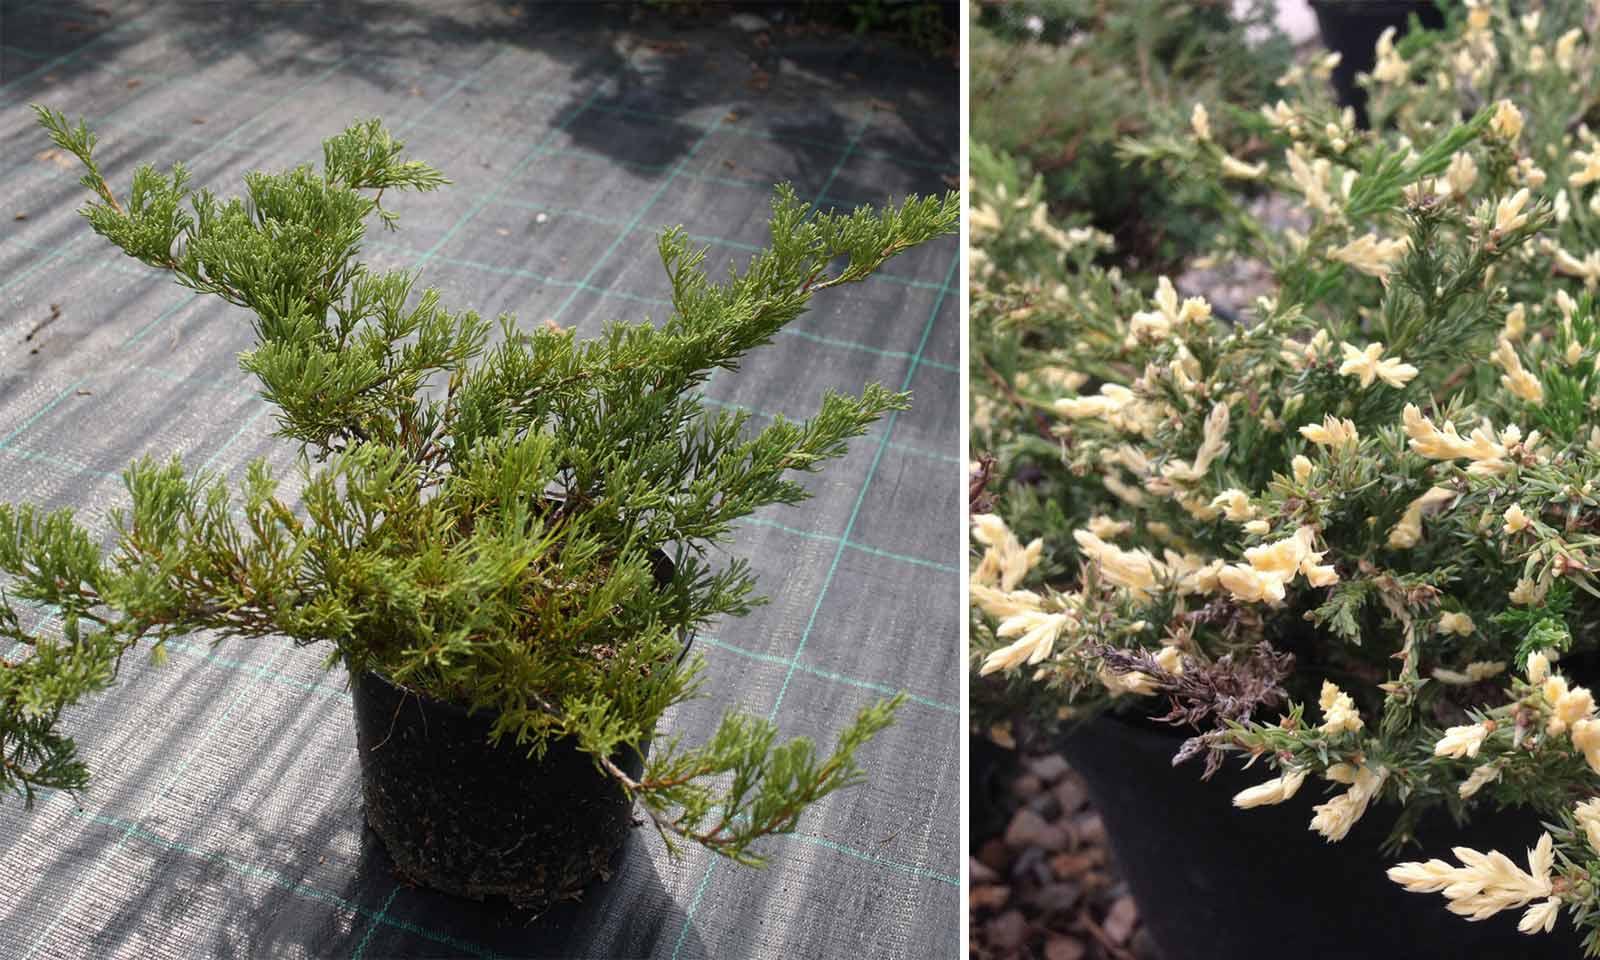 Juniperus Horizontalis 'Andorra Compacta Variegata' (Juniper 'Andorra Compacta Variegata')